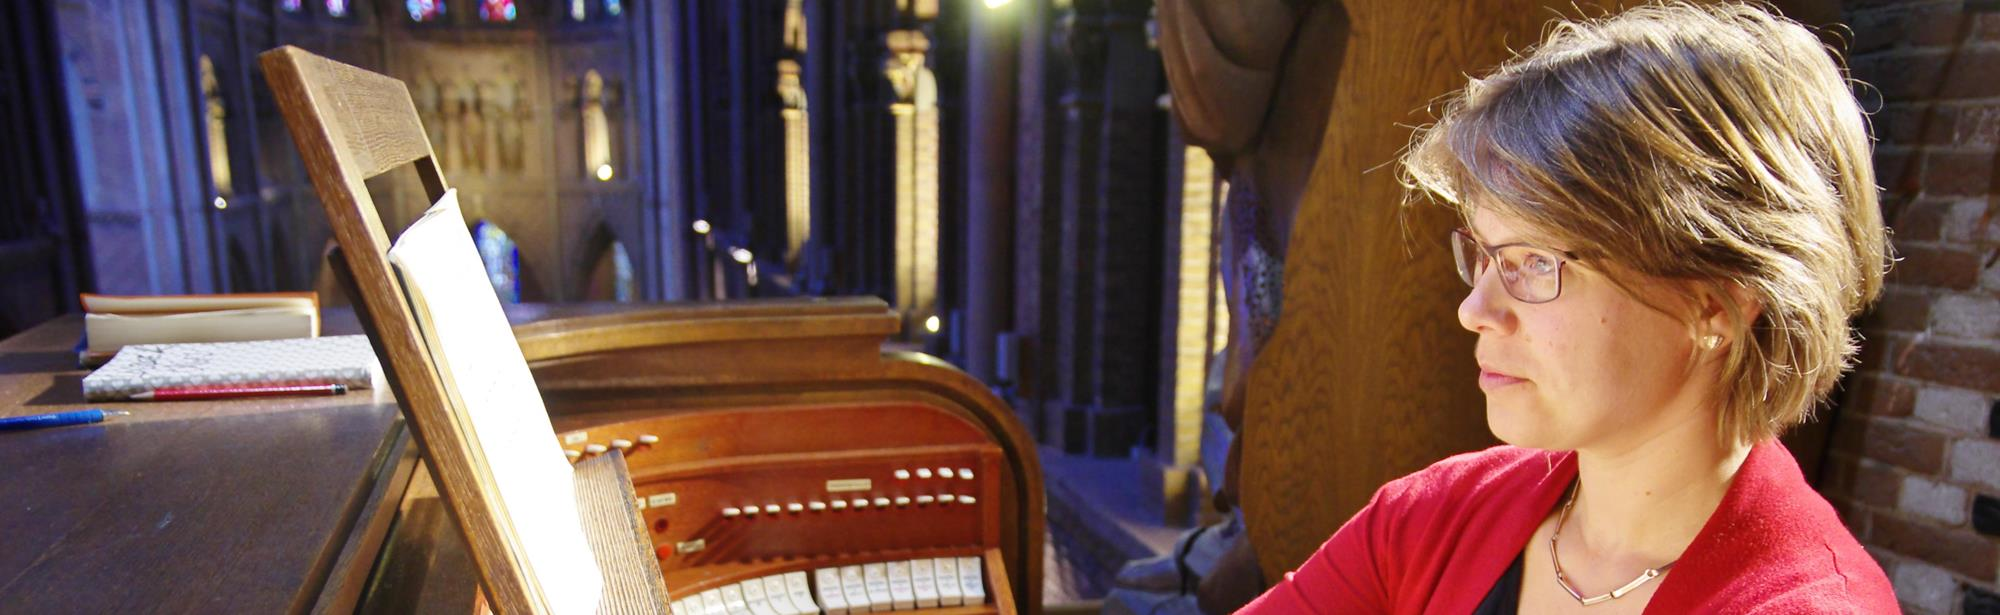 Orgelconcert met Tannie van Loon en Tom Koster